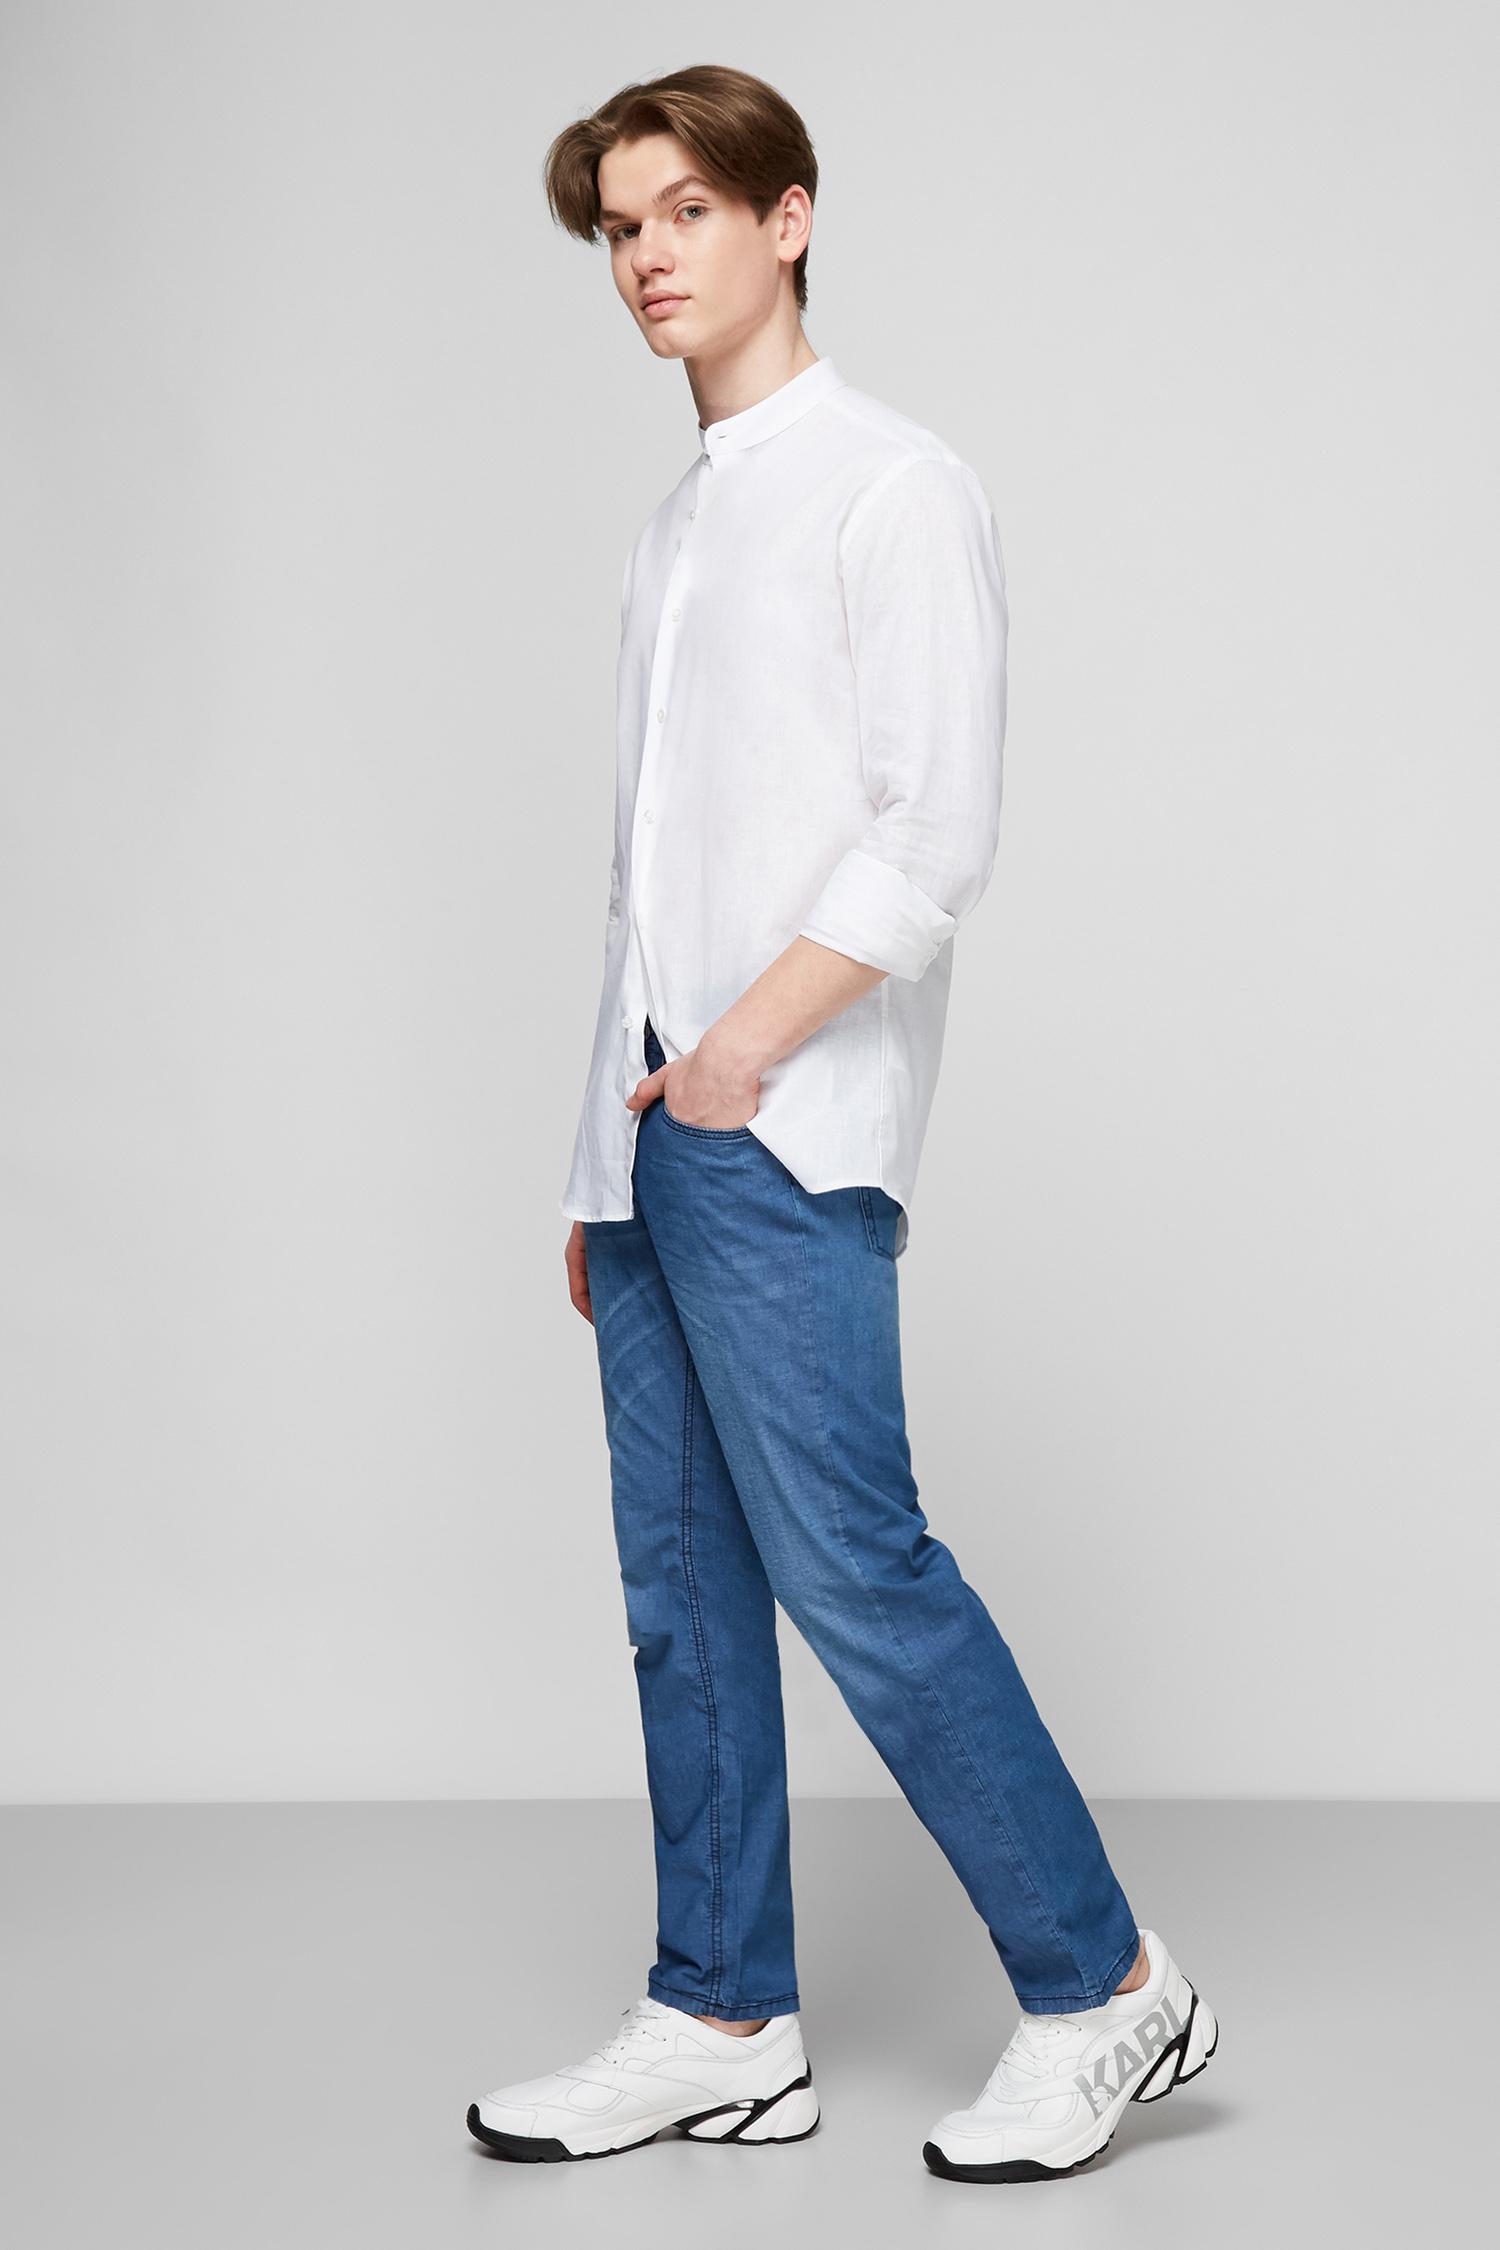 Белая льняная рубашка для парней Karl Lagerfeld 511628.605035;10